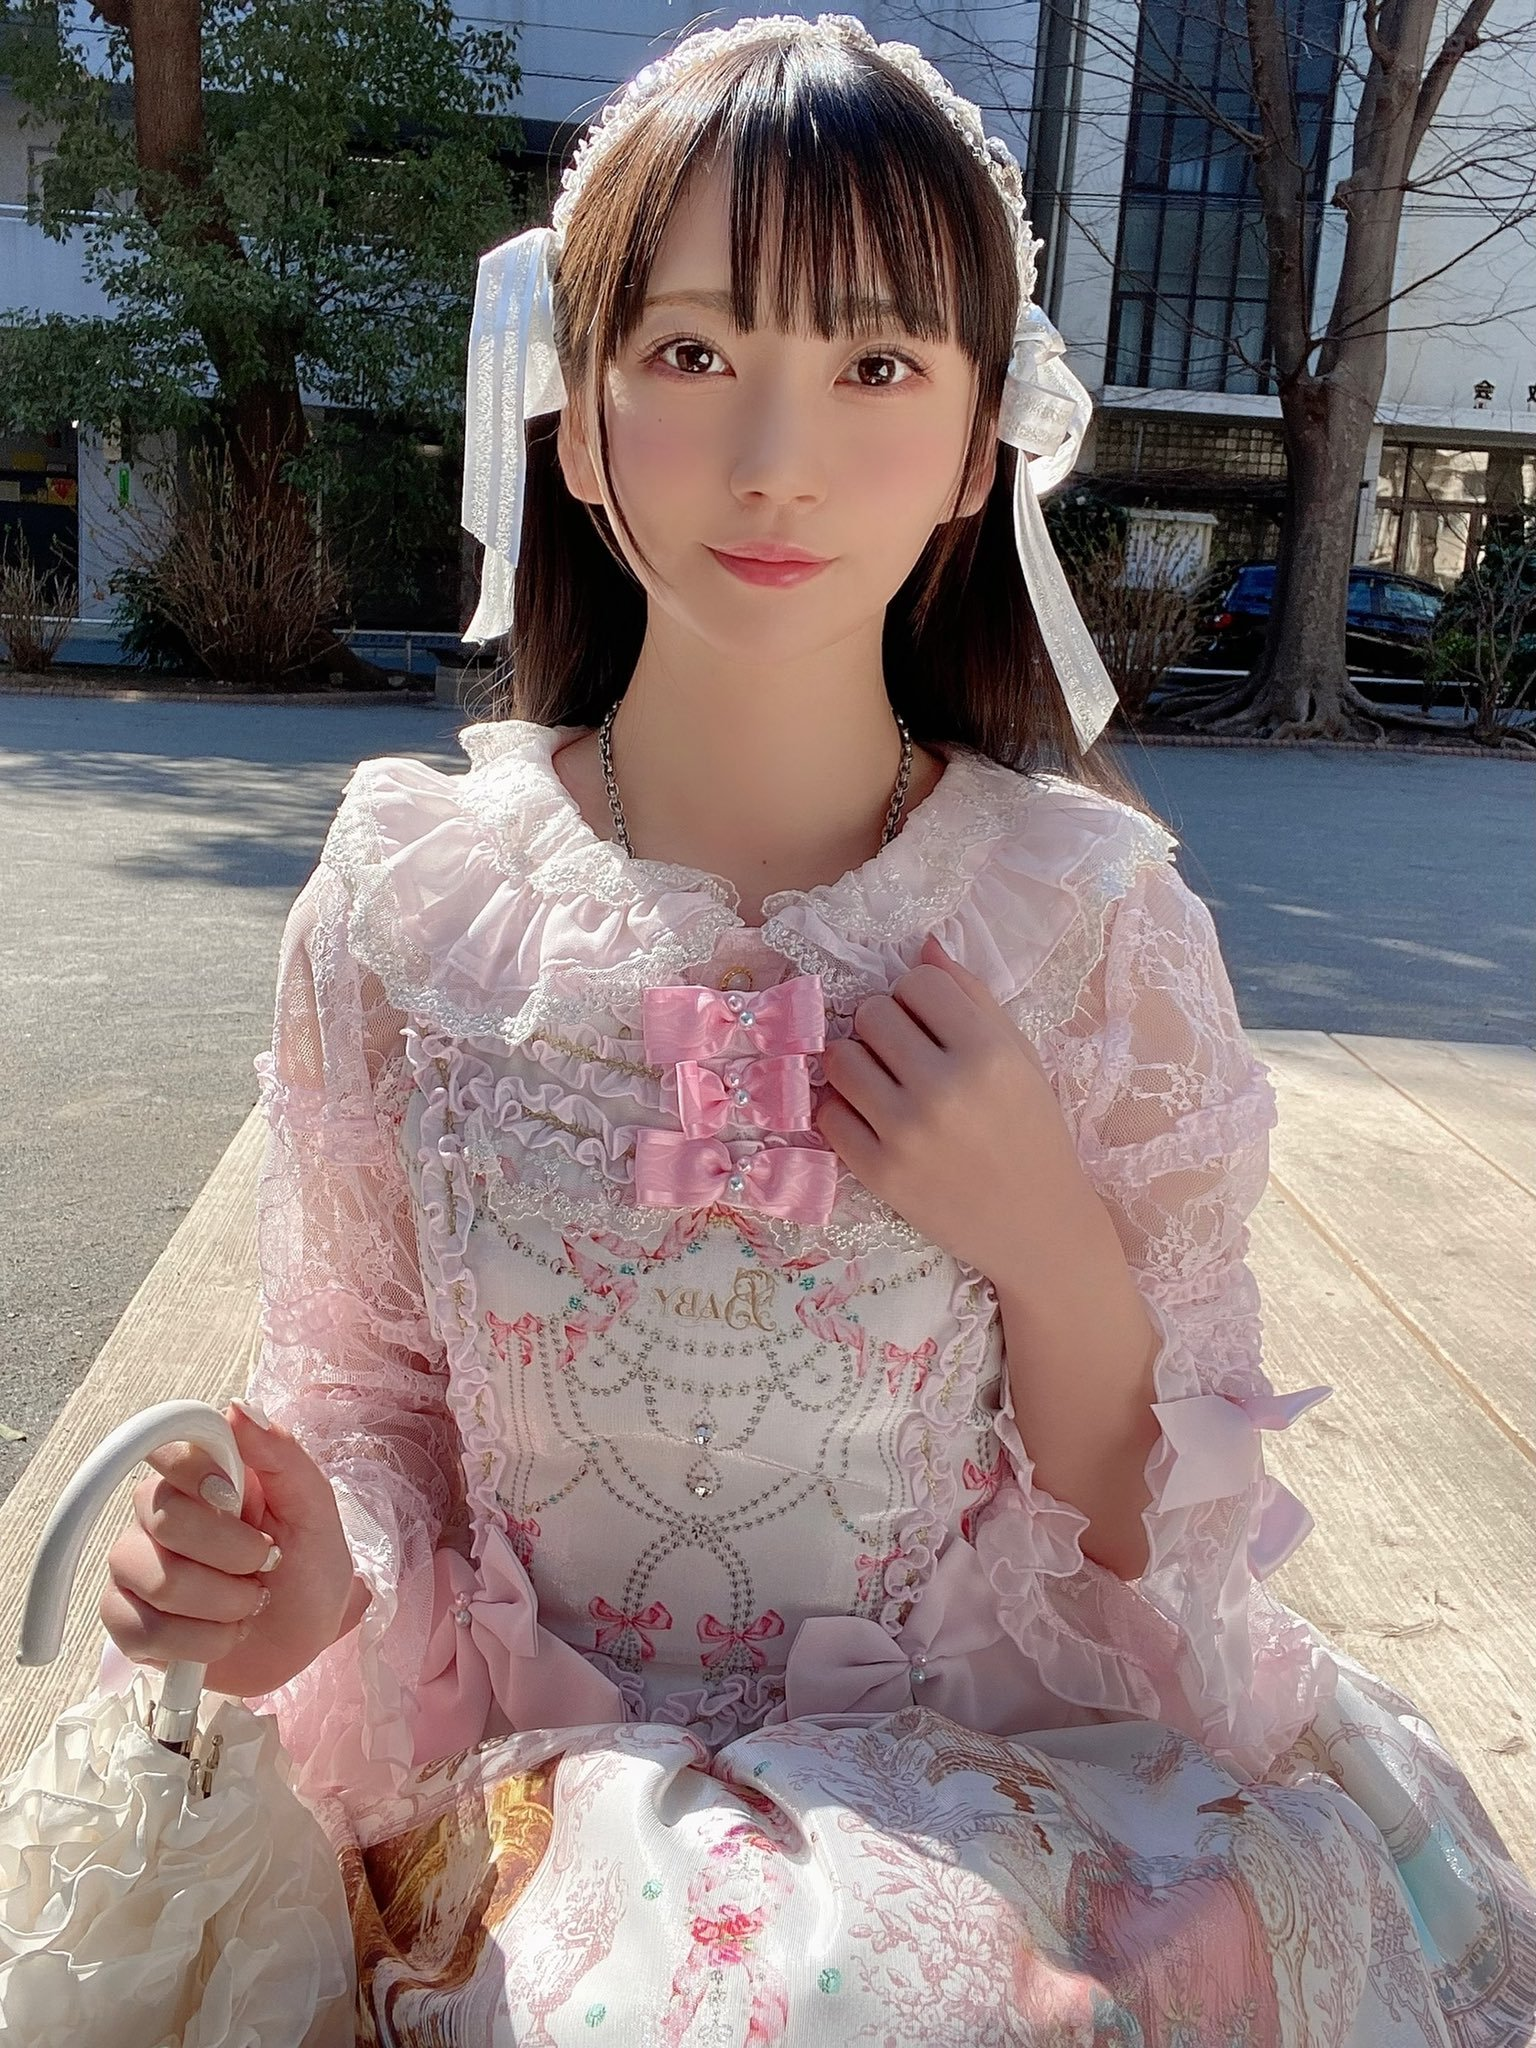 叛逆期学生妹七沢みあ 养眼图片 第5张